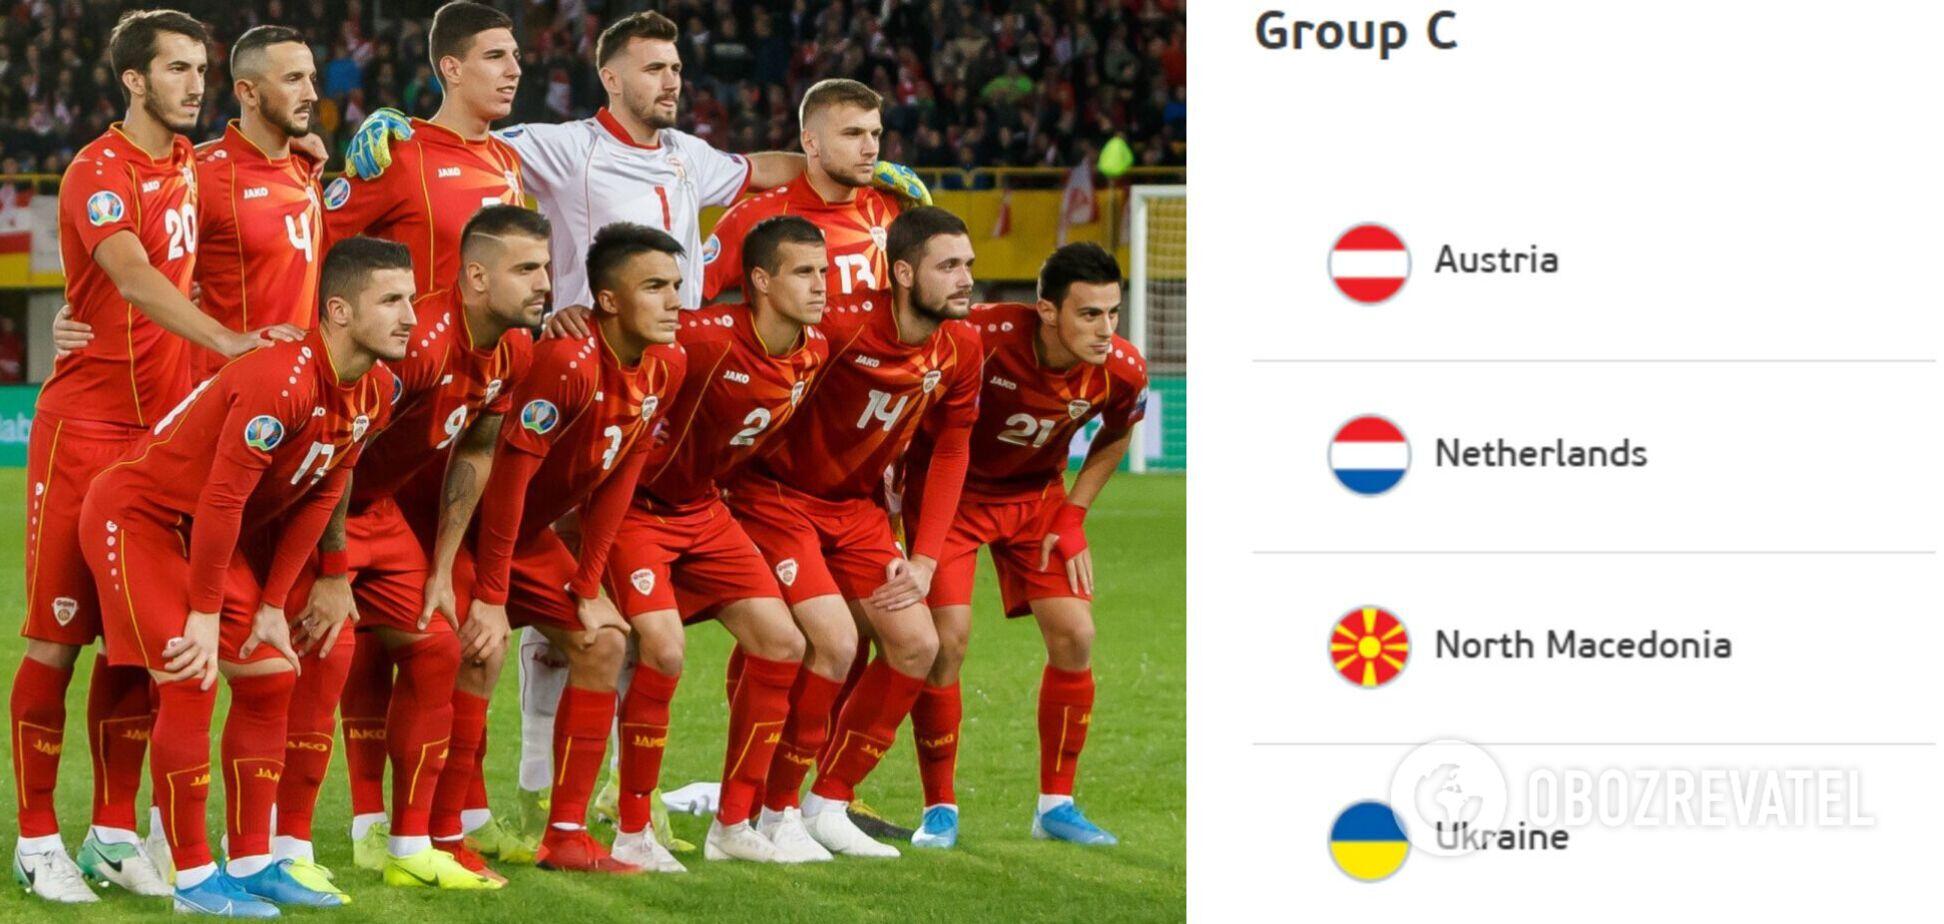 На Евро-2020 разгорелся новый скандал вокруг футбольной формы: потребовали срочно переделать